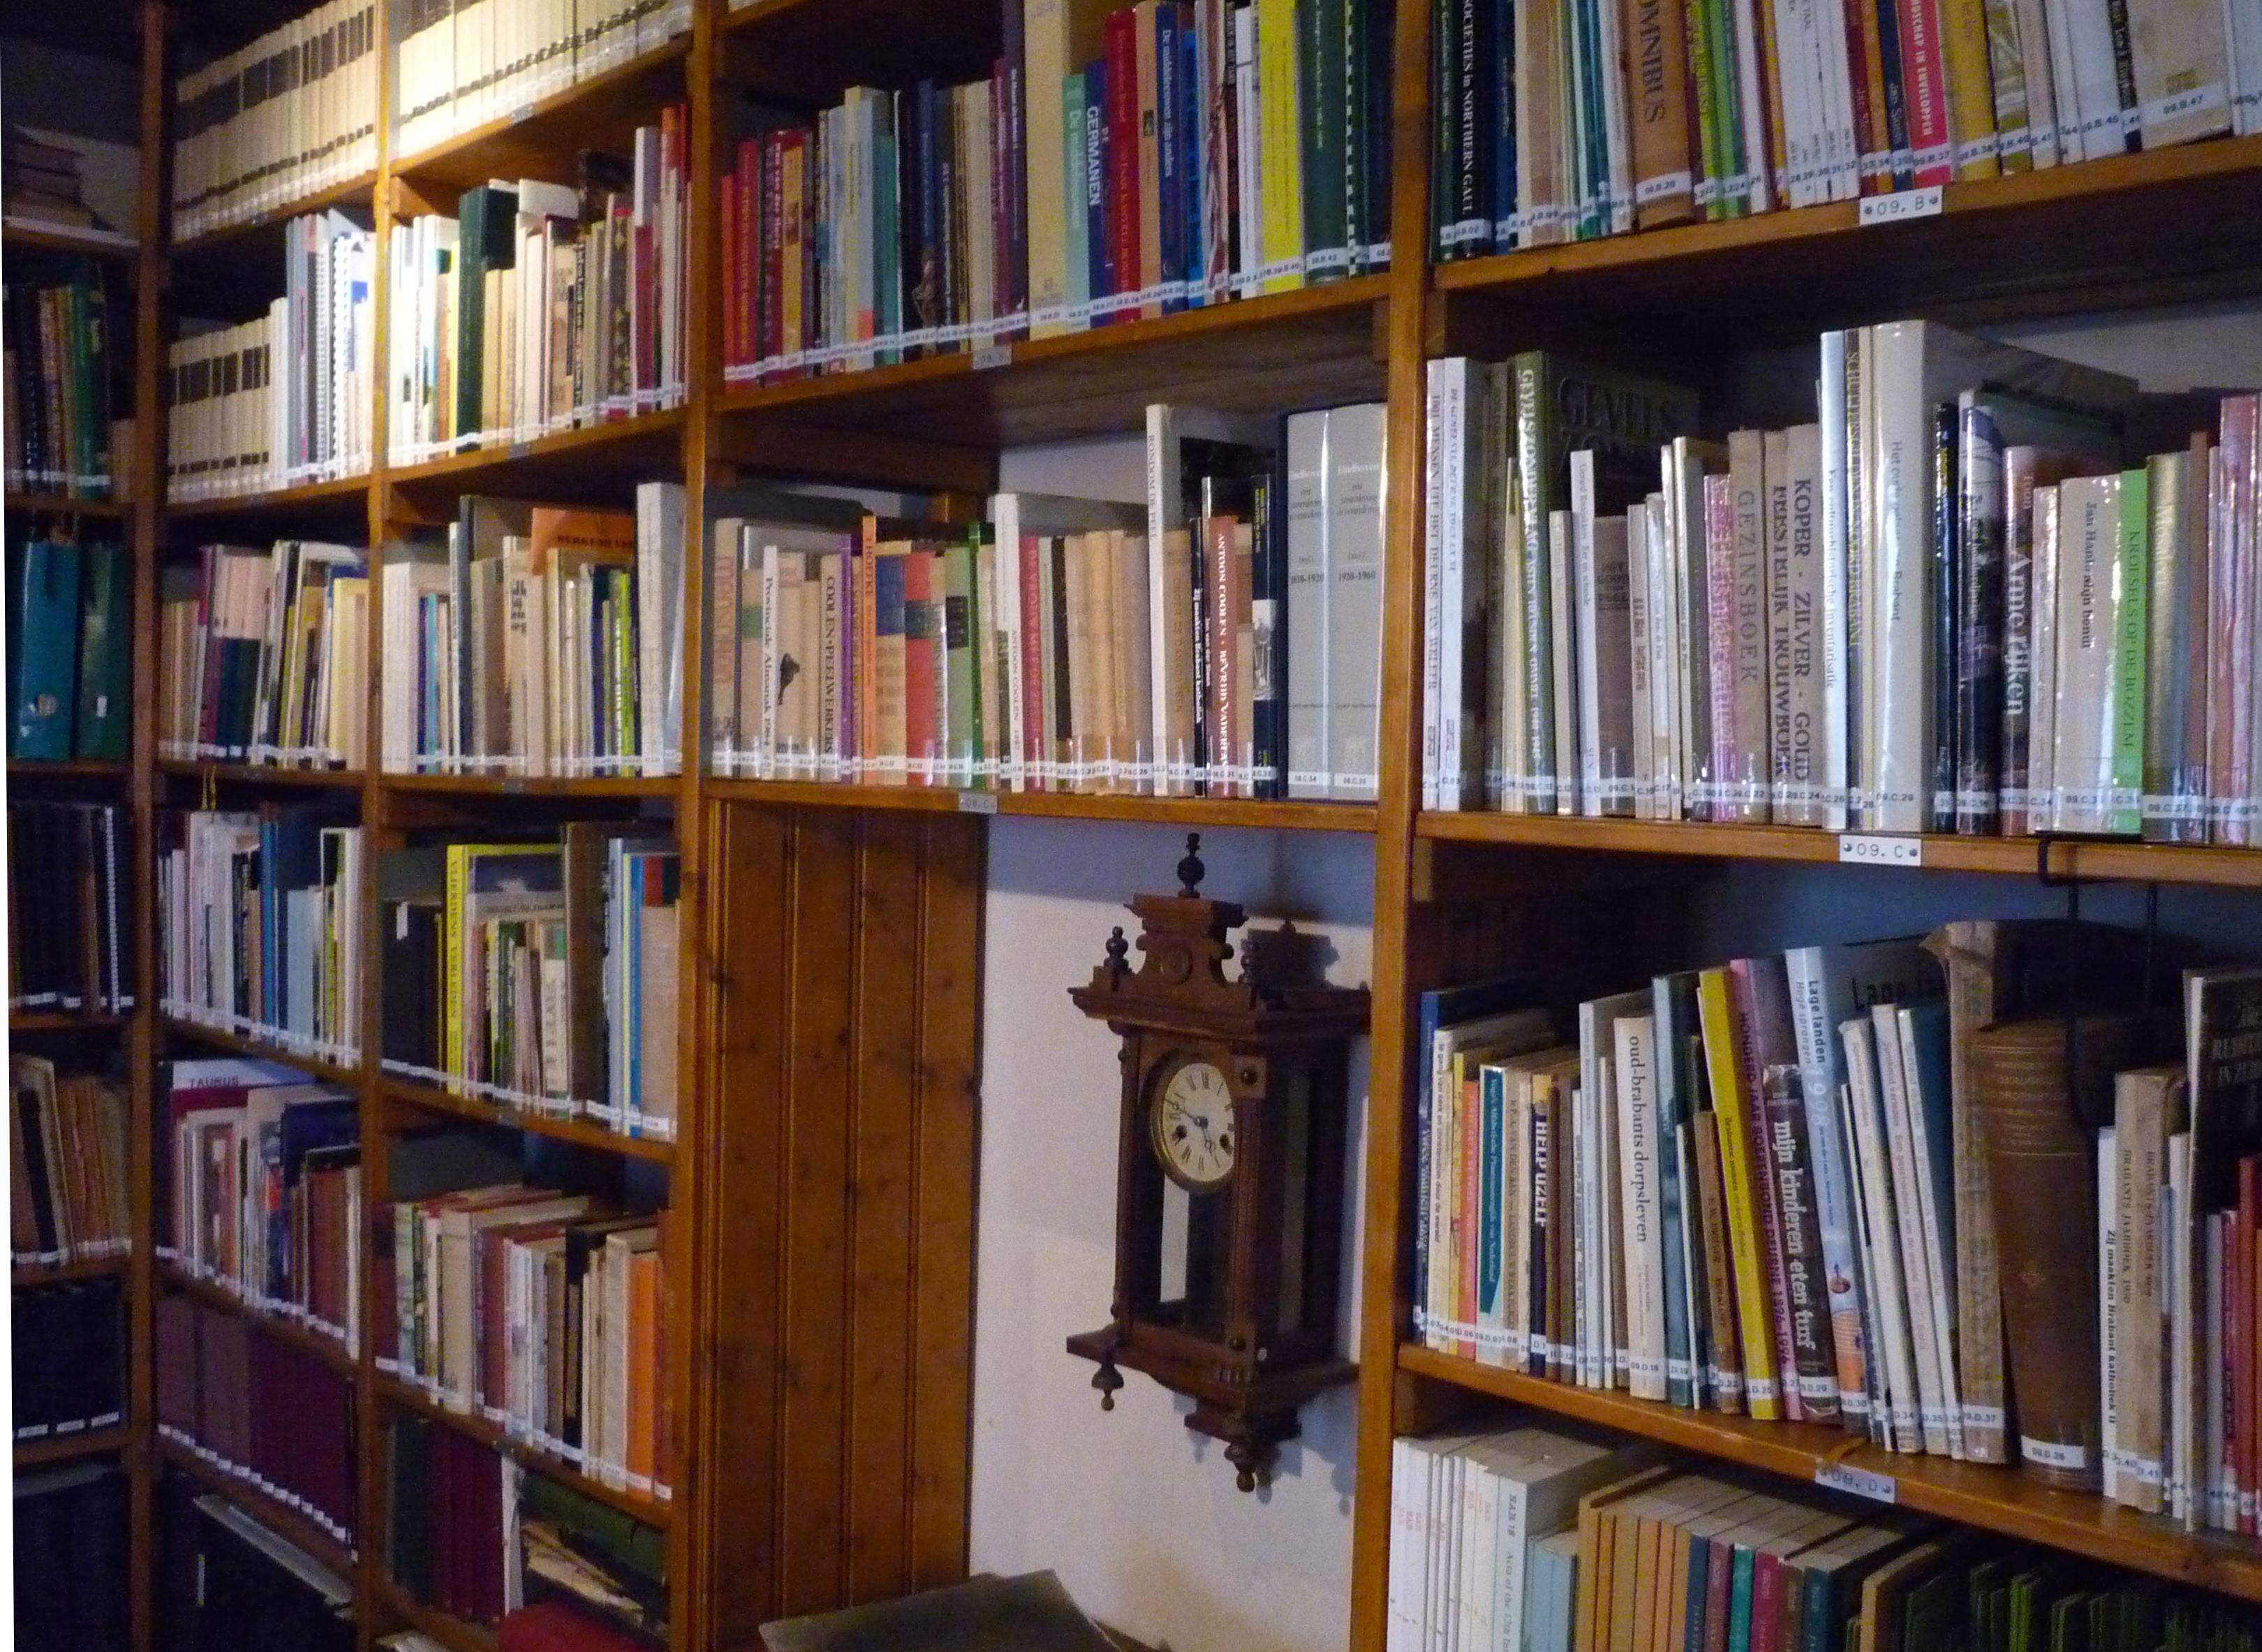 Blauw tapijt boeken kast boeken kasten boekenkast bibliotheek boekenkast ikea billy - Idee bibliotheek ...